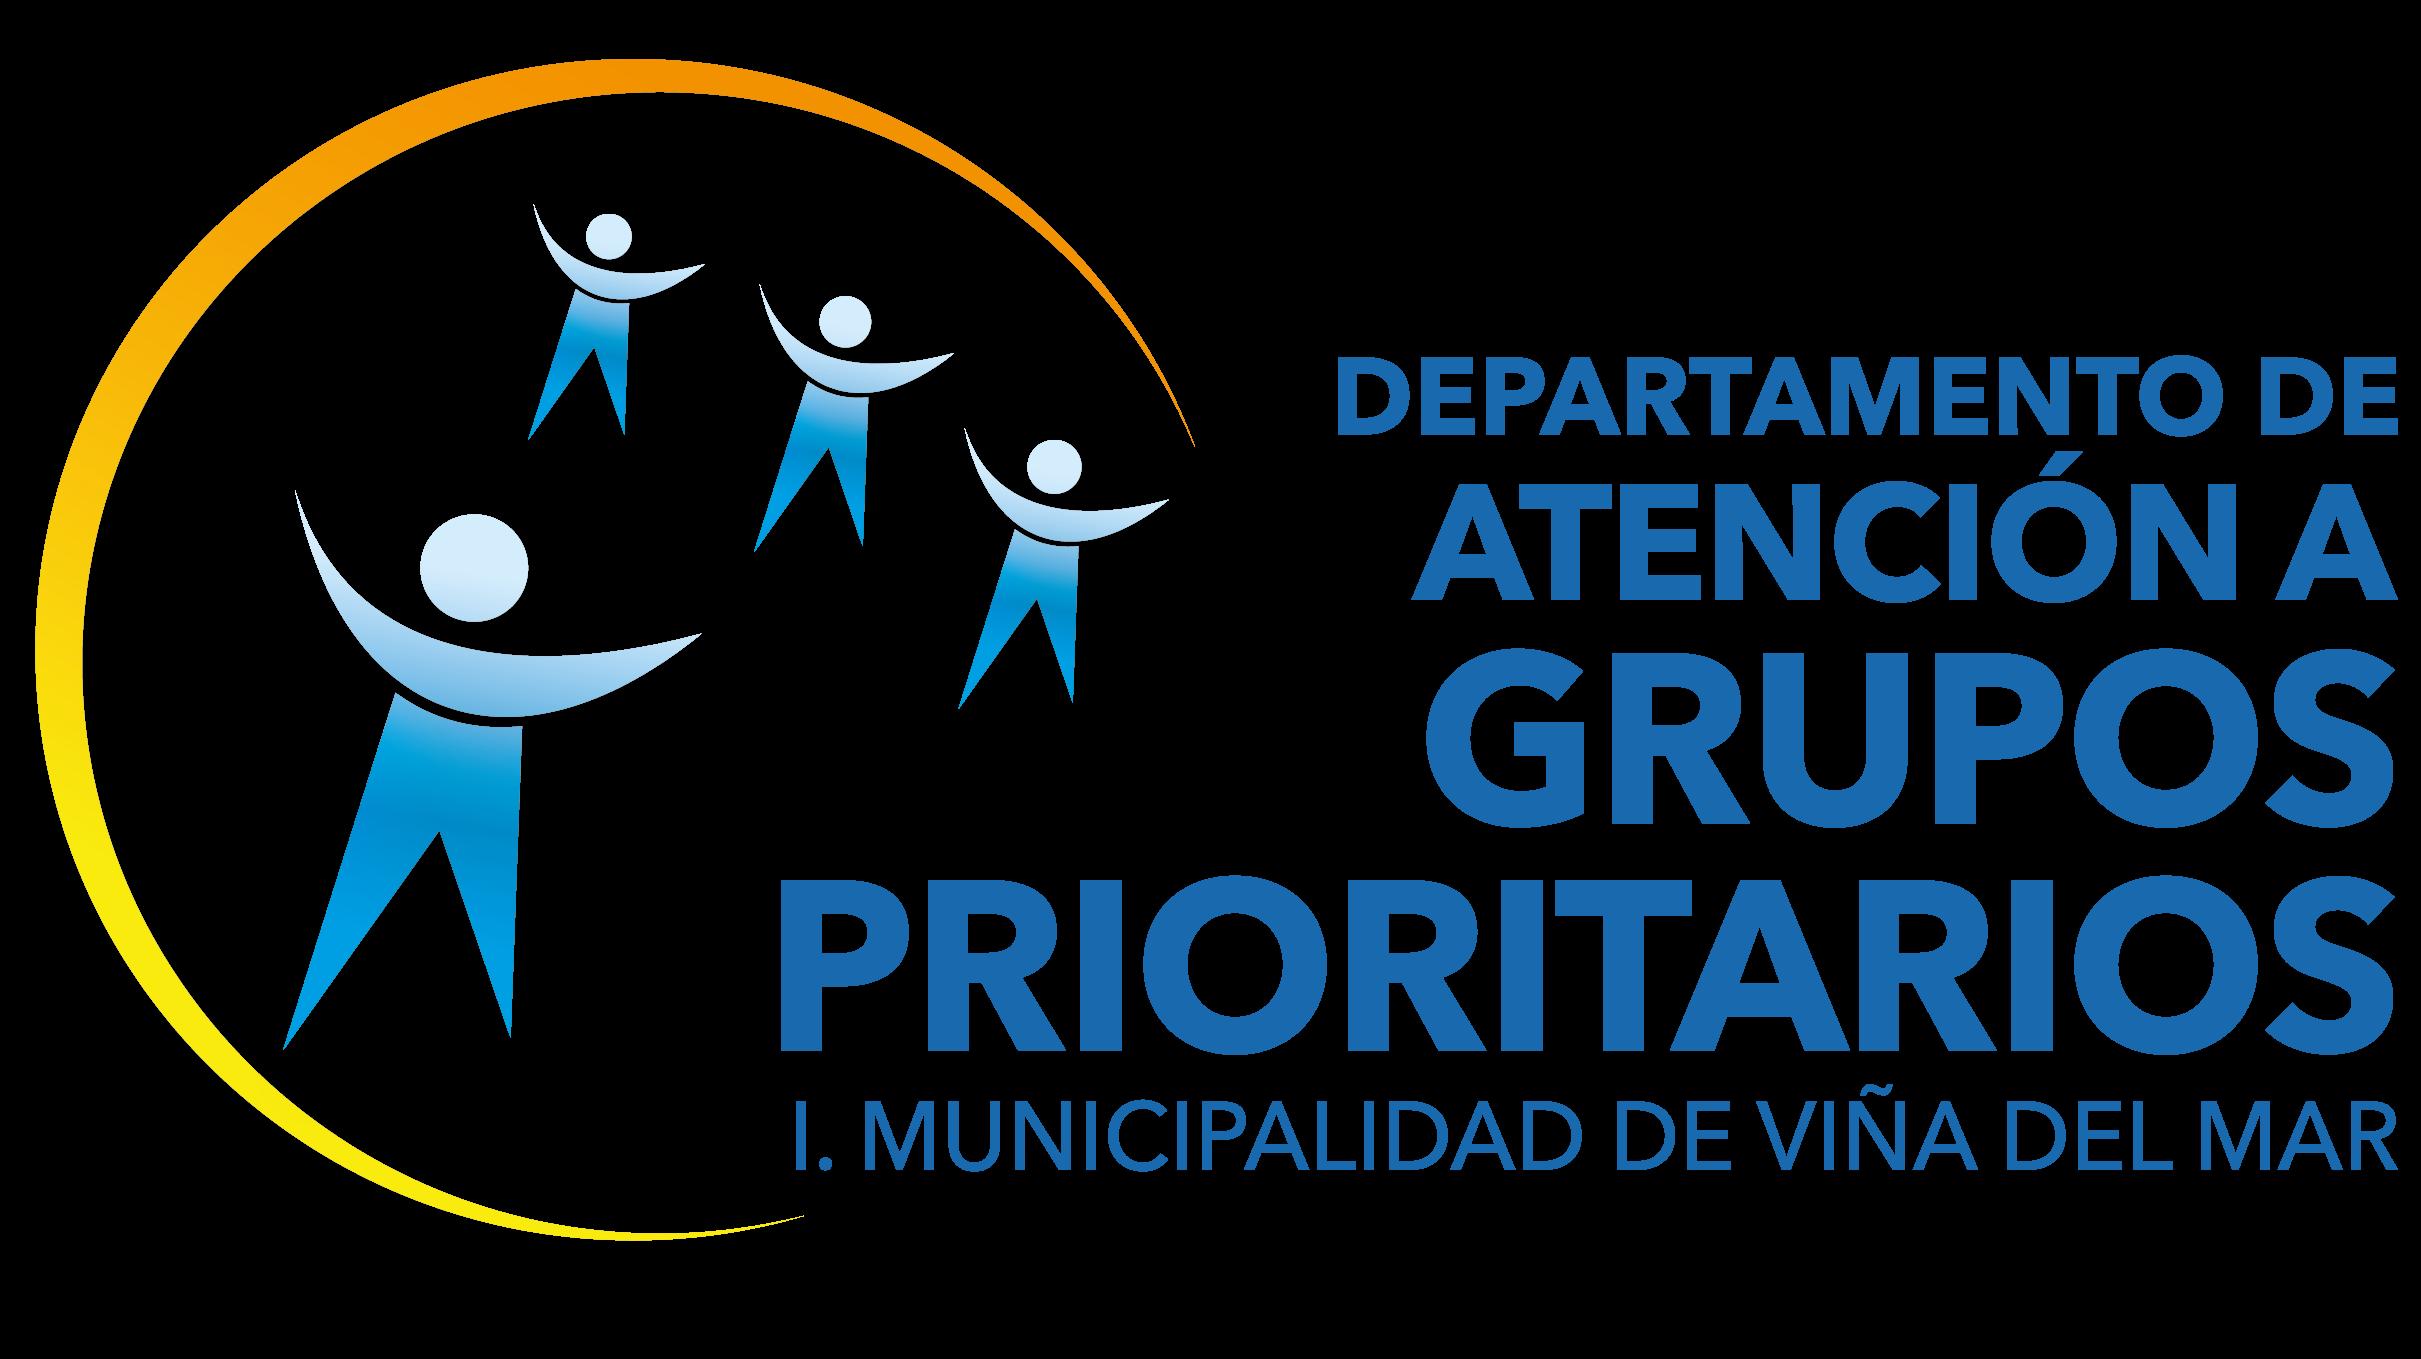 Departamento de Atención a Grupos Prioritarios